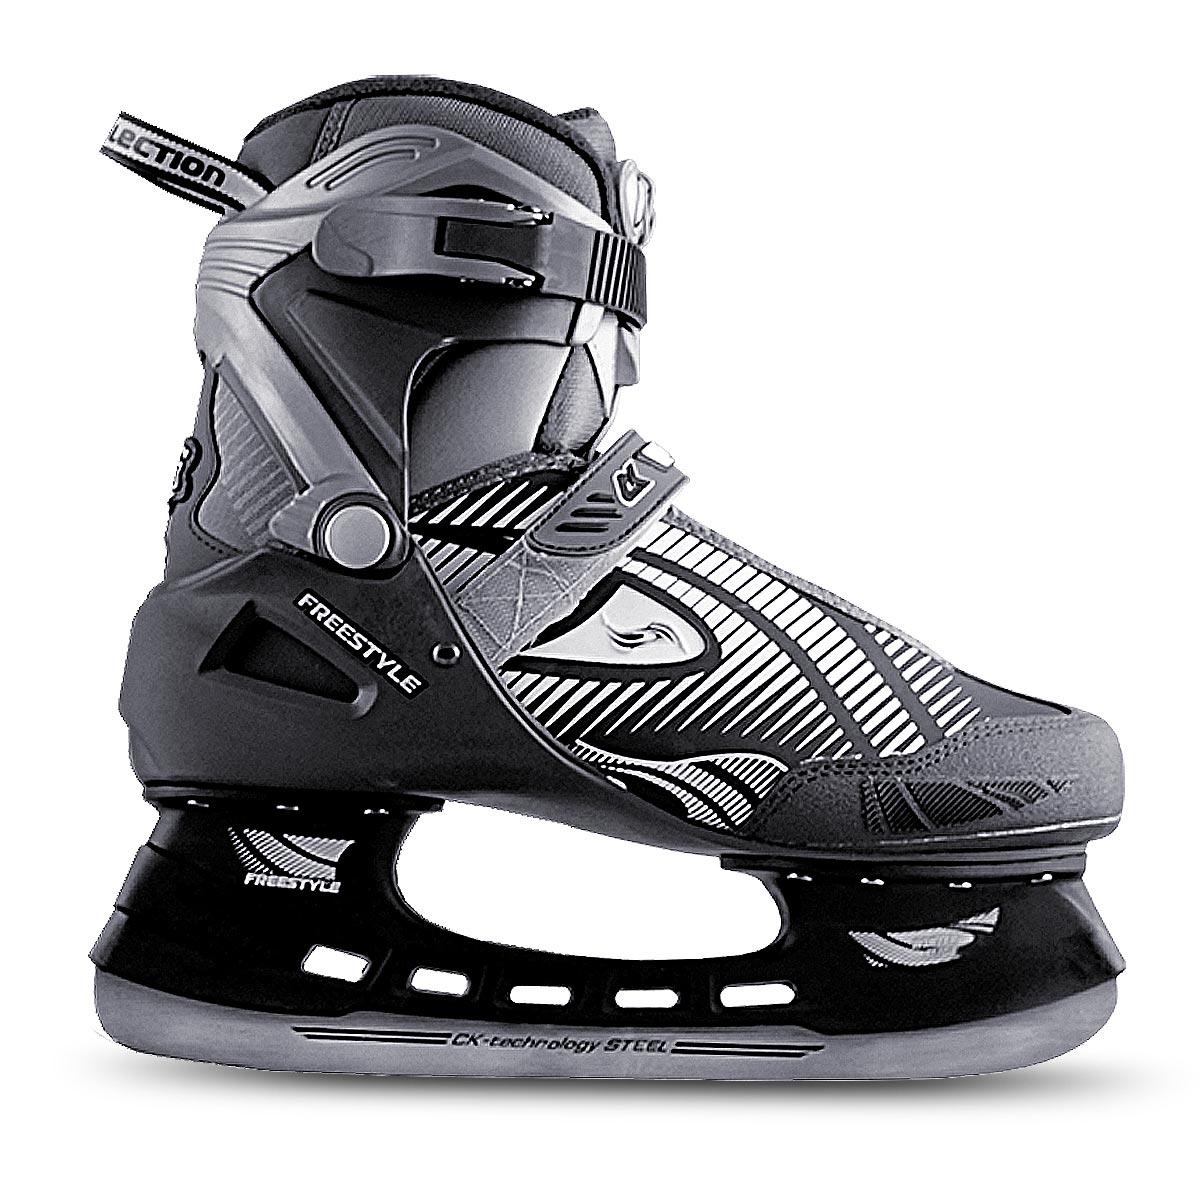 Коньки хоккейные мужские FreestyleFREESTYLEОригинальные мужские коньки от CK Freestyle с ударопрочной защитной конструкцией прекрасно подойдут для начинающих игроков в хоккей. Сапожок, выполненный из комбинации ПВХ, морозостойкой искусственной кожи, нейлона и капровелюра, обеспечит тепло и комфорт во время катания. Внутренний слой изготовлен из фланелета, а стелька - из текстиля. Пластиковая бакля и шнуровка с фиксатором, а также хлястик на липучке надежно фиксируют голеностоп. Плотный мысок и усиленный задник оберегают ногу от ушибов. Фигурное лезвие изготовлено из углеродистой нержавеющей стали со специальным покрытием, придающим дополнительную прочность. Изделие по верху декорировано оригинальным принтом и тиснением в виде логотипа бренда. Задняя часть коньков дополнена широким ярлычком для более удобного надевания обуви. Стильные коньки придутся вам по душе.